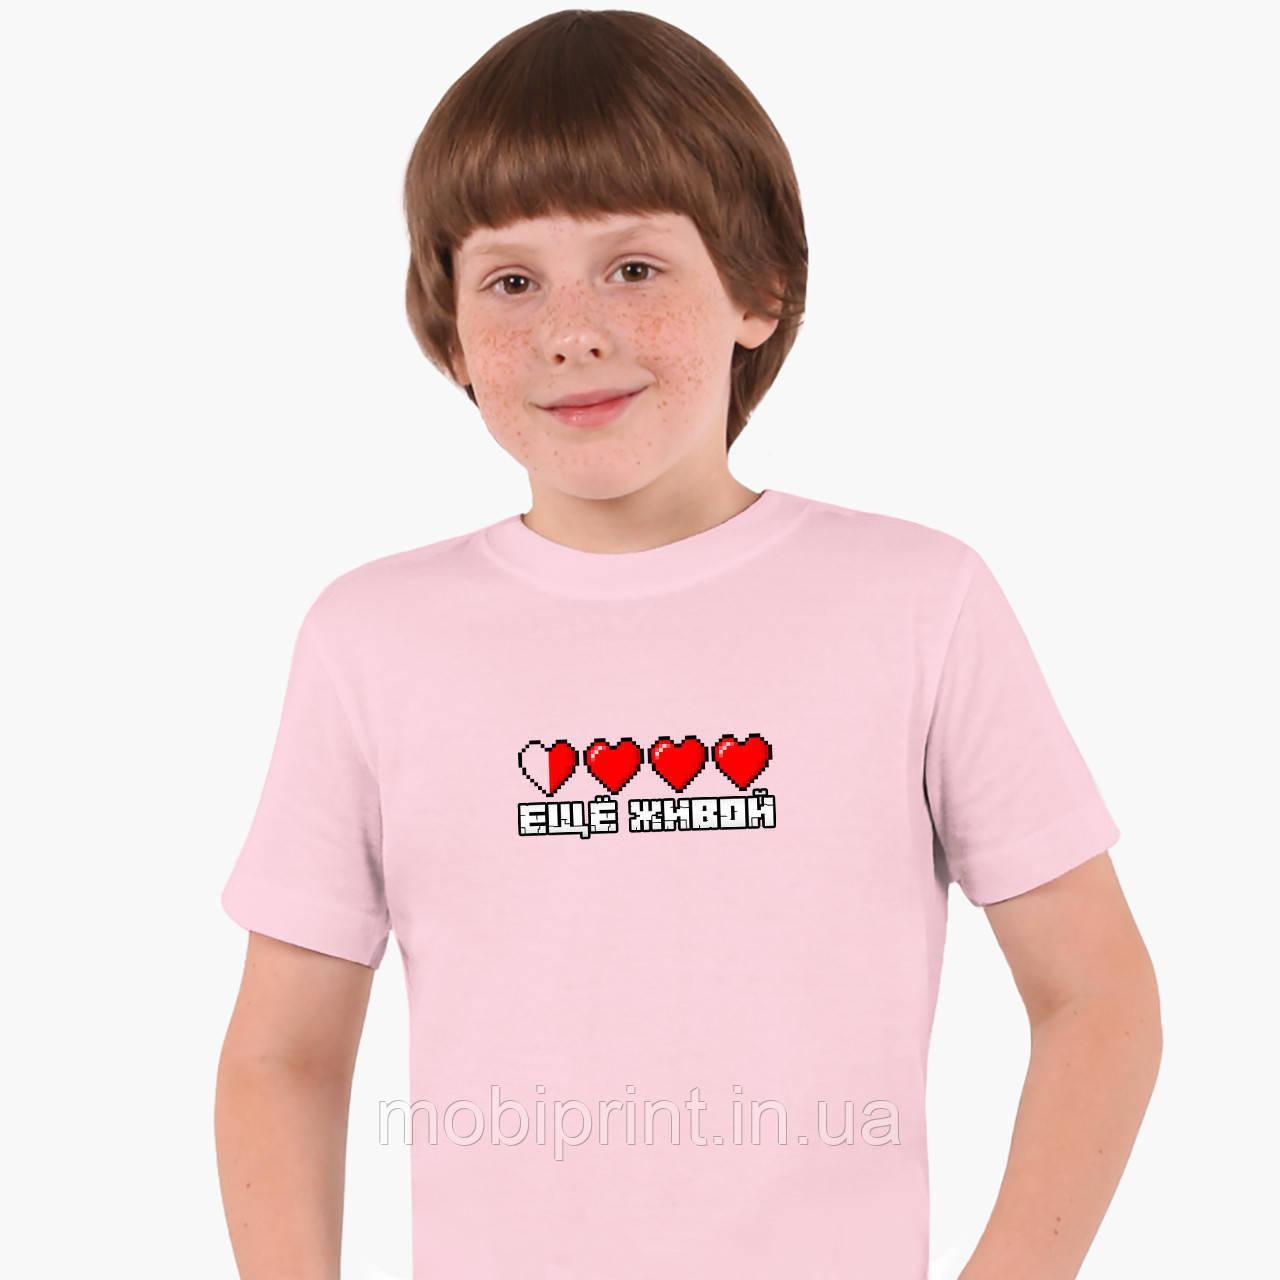 Детская футболка для мальчиков Майнкрафт (Minecraft) (25186-1172) Розовый